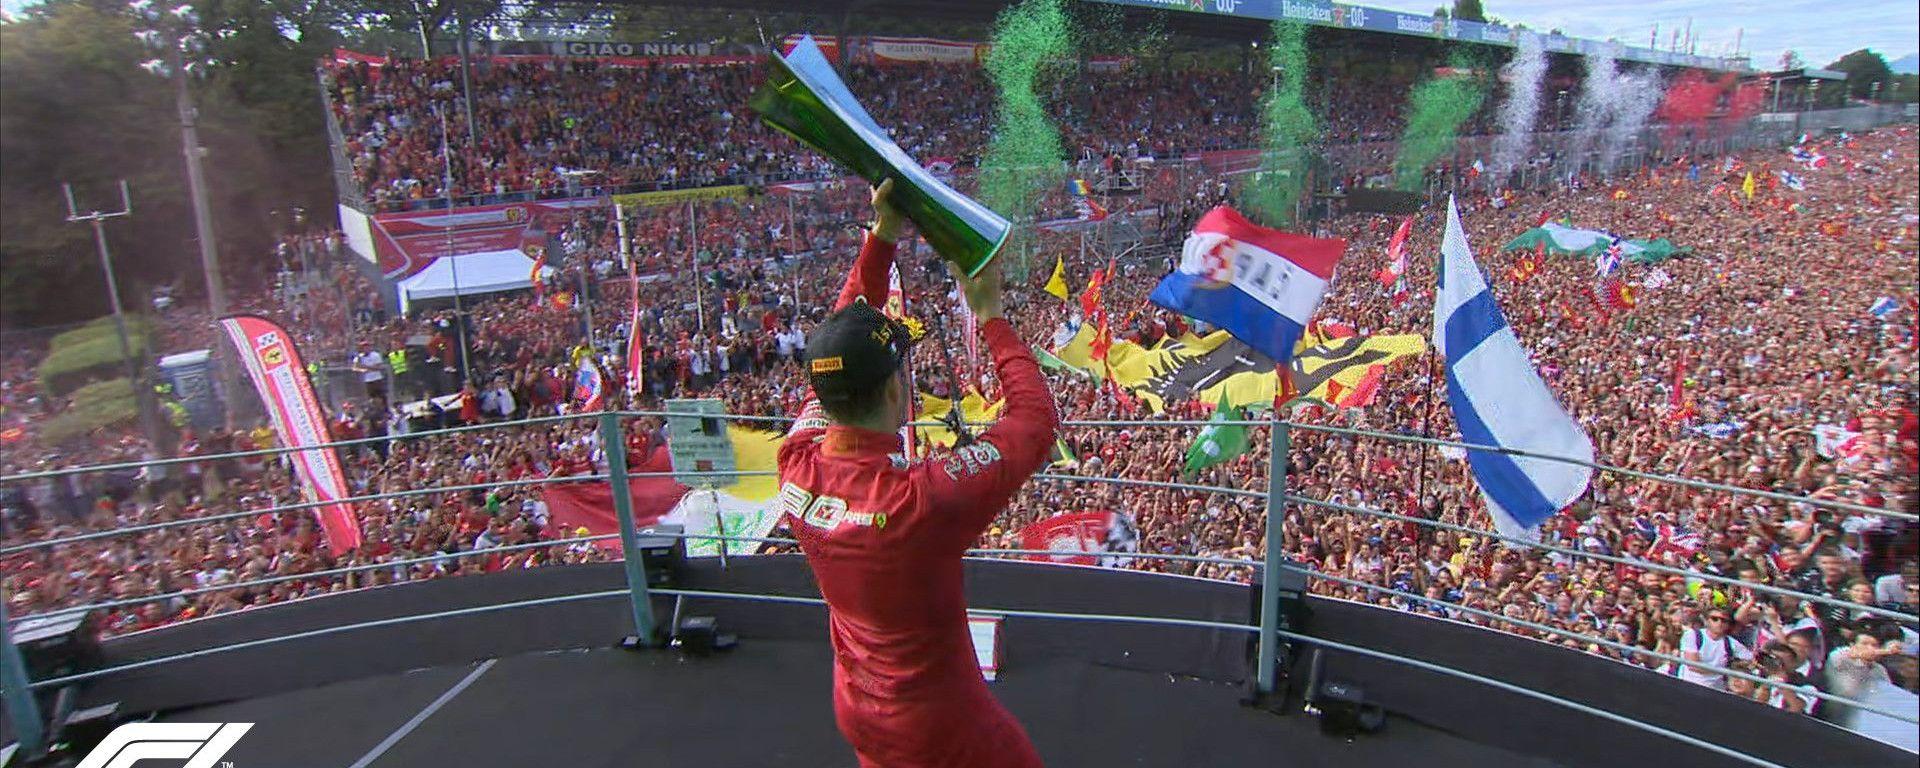 GP Italia 2019: Monza vede rosso, trionfo sudato per Leclerc